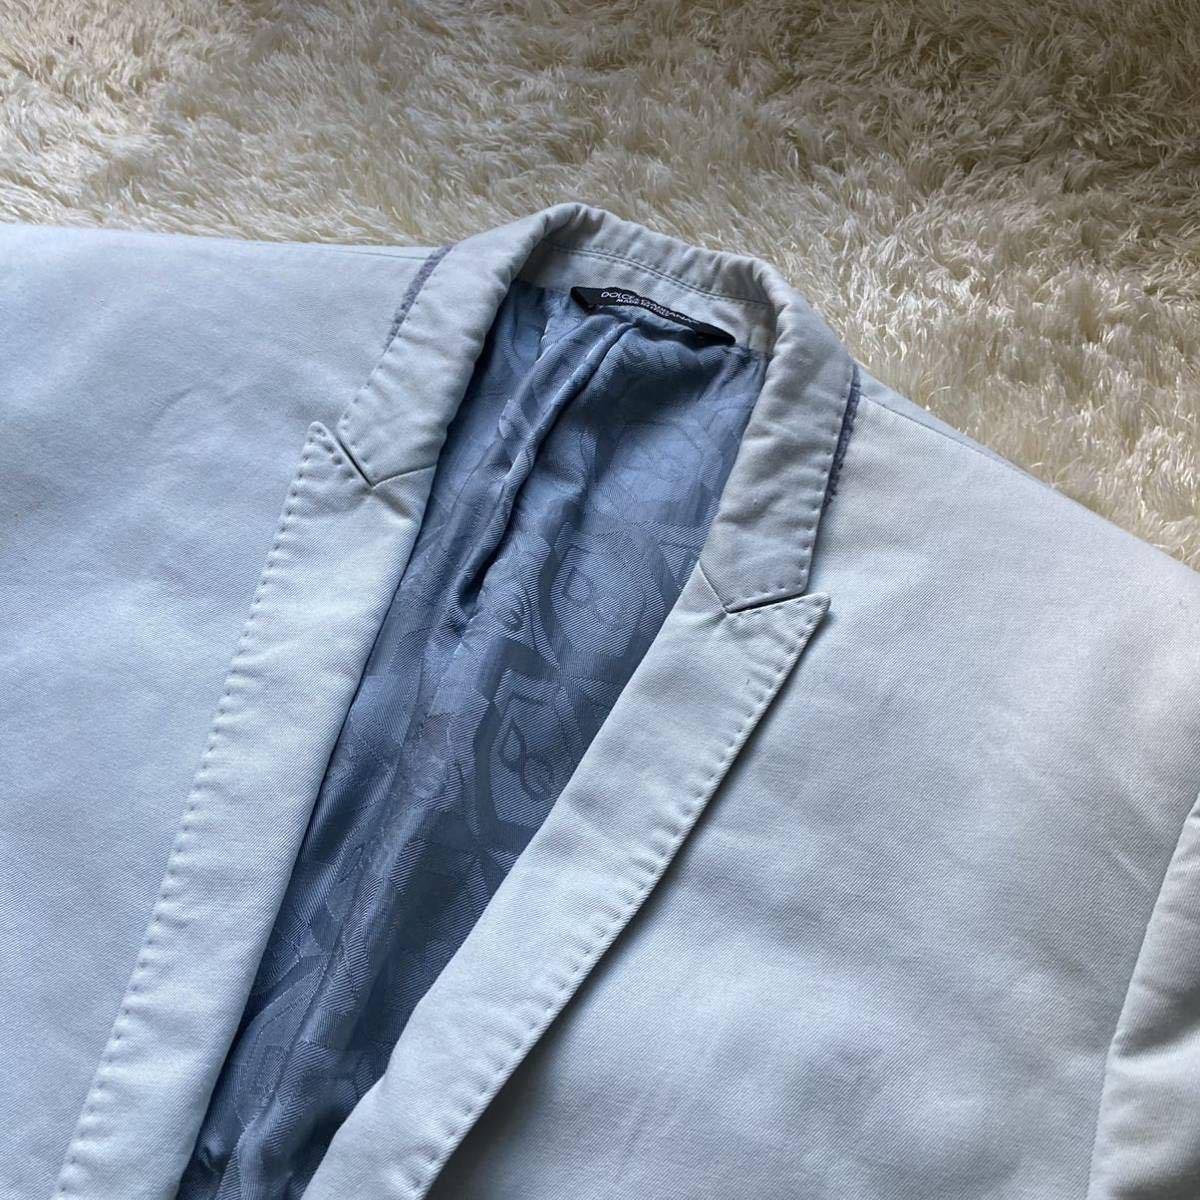 ドルチェ&ガッバーナ 「最高級の風格」DOLCE&GABBANA セットアップ 黒タグ ファッション スーツ 46 Mくらい ターコイズブルー 水色系_画像8